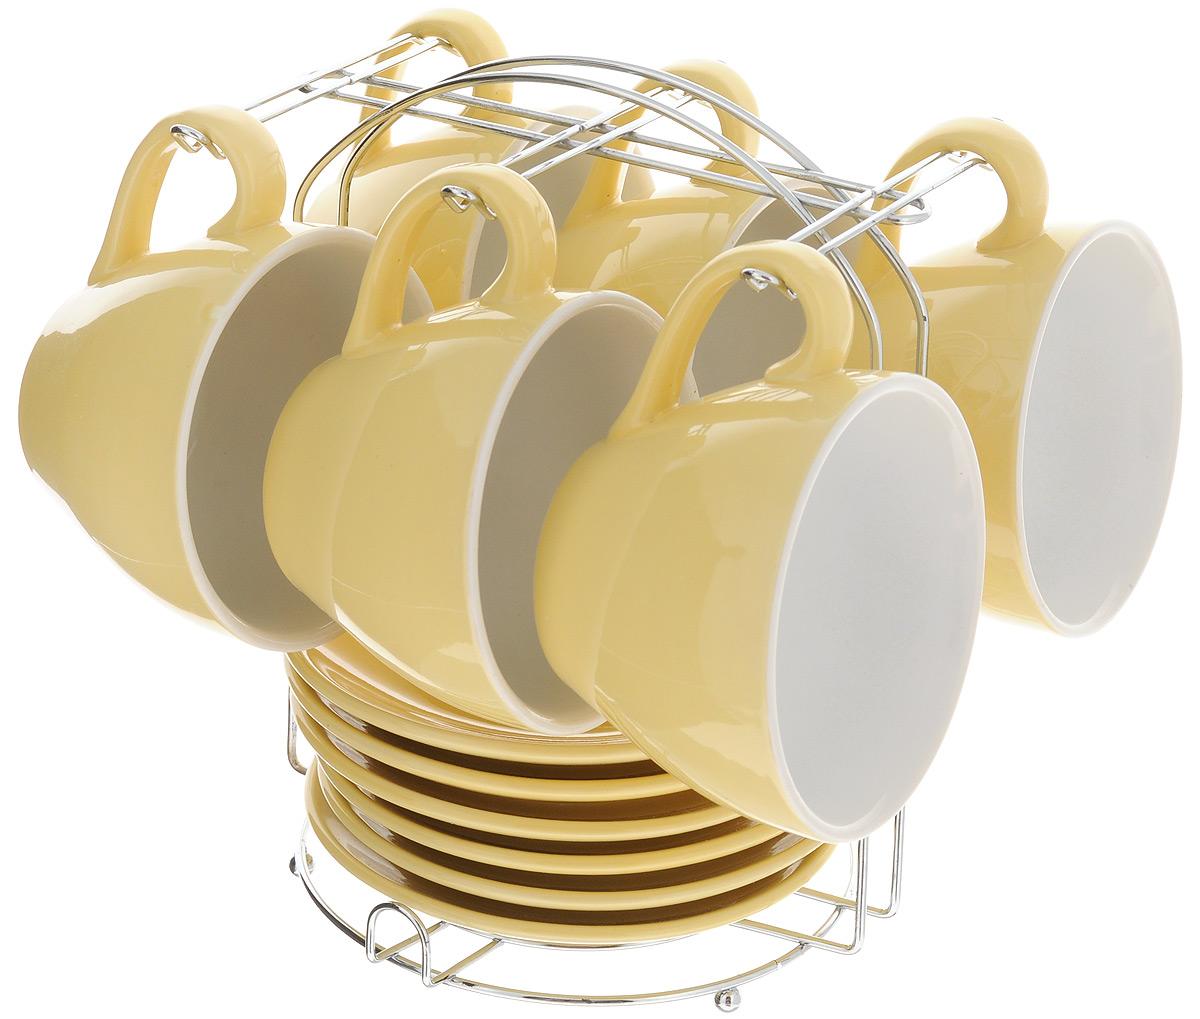 Набор чайный Loraine, на подставке, 13 предметов. 24862VT-1520(SR)Набор Loraine состоит из шести чашек и шести блюдец, изготовленных из высококачественной керамики. Для компактного хранения изделий предусмотрена металлическая подставка. Такой набор идеально подойдет для подачи чая или кофе.Лаконичный дизайн придется по вкусу и ценителям классики, и тем, кто предпочитает утонченность и изысканность. Он настроит на позитивный лад и подарит хорошее настроение с самого утра. Чайный набор Loraine станет отличным подаркомдля вашего дома и для ваших друзей в праздники.Можно использовать в микроволновой печи, также мыть в посудомоечной машине. Объем чашки: 250 мл. Диаметр чашки (по верхнему краю): 10 см. Высота чашки: 7 см. Диаметр блюдца: 13,7 см. Высота блюдца: 1,8 см.Размер подставки: 17 х 16 х 21 см.